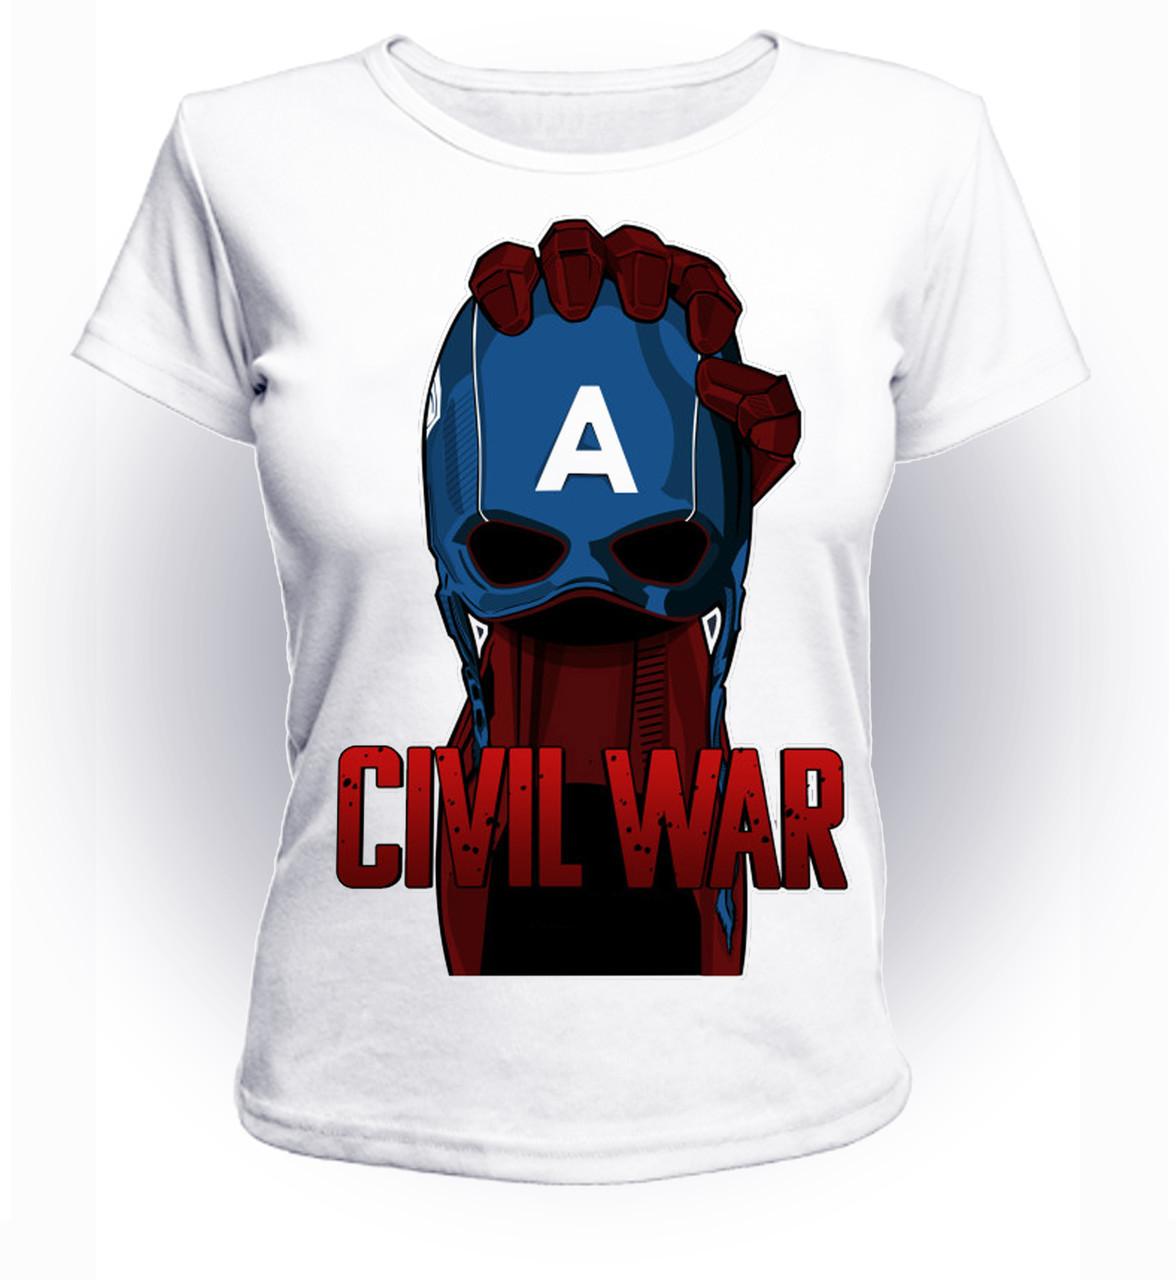 Футболка женская S GeekLand Железный Человек Iron Man Гражданская война art IM.01.055